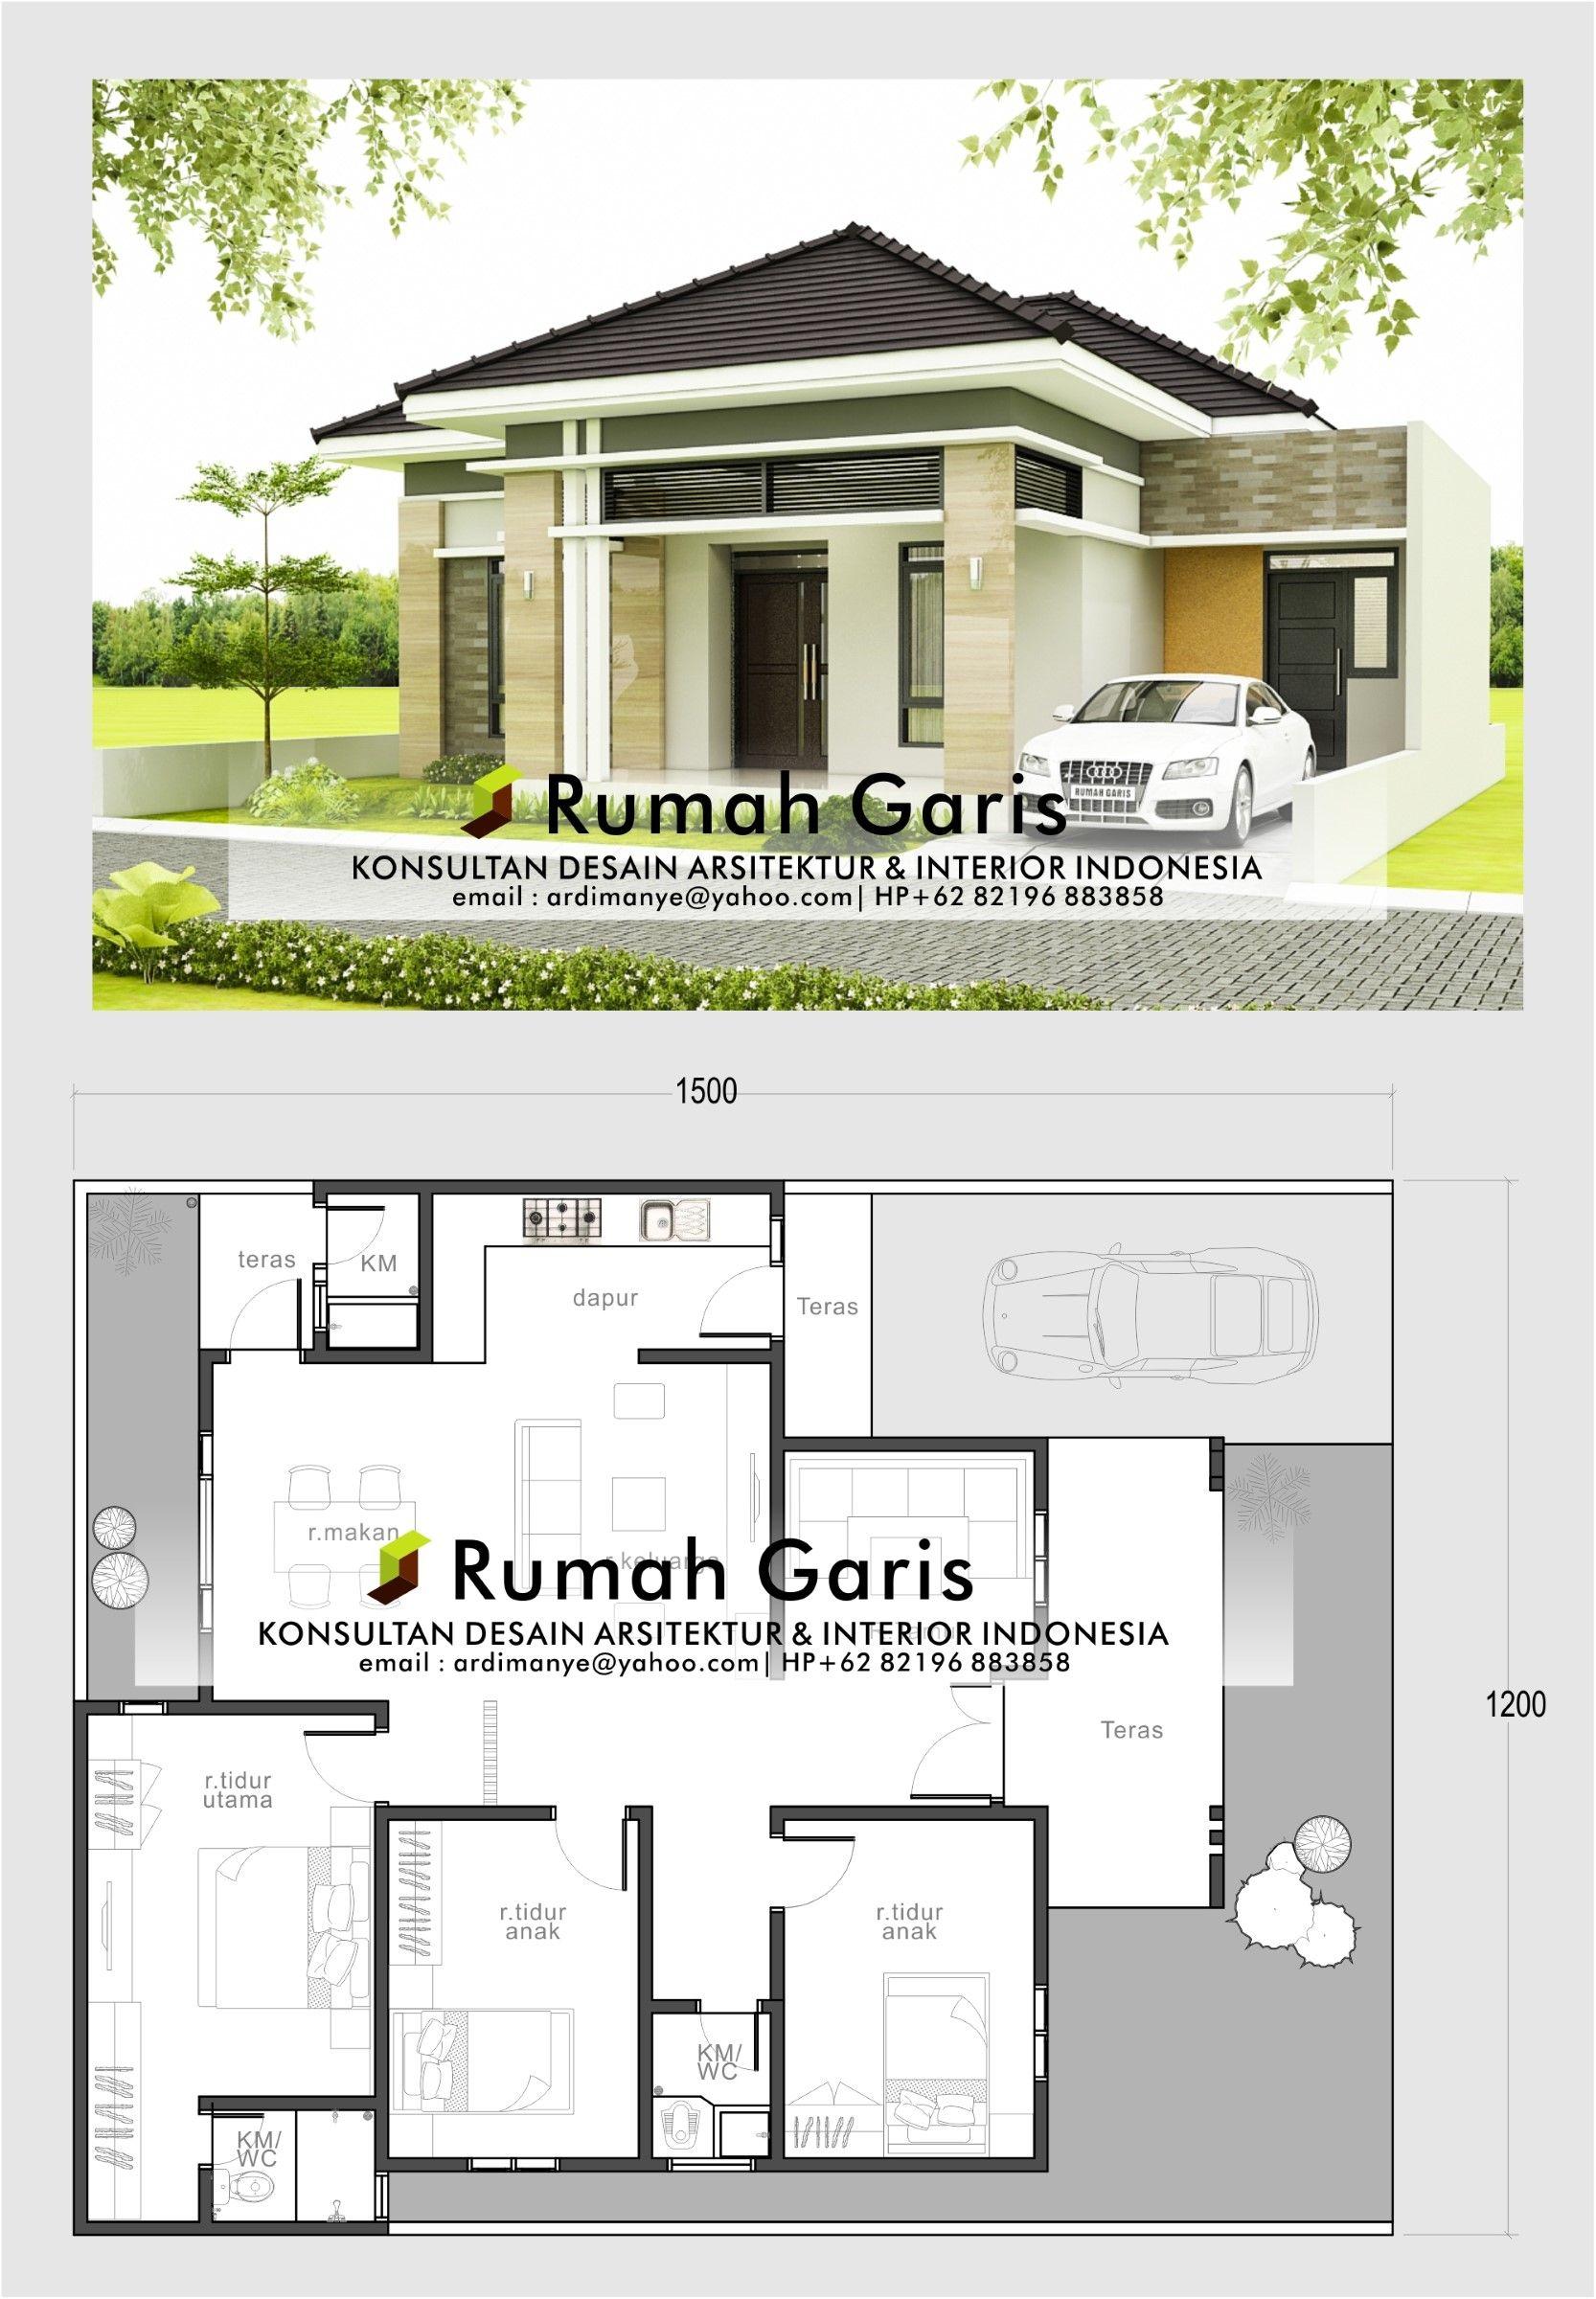 Noman Design Di Instagram Jasa Desain Rumah Harga Mulai Rp 250 Ribu Desain Bp Andi 1 Lantai Demak Luas Lahan Arsitektur Rumah Rumah Indah Desain Rumah